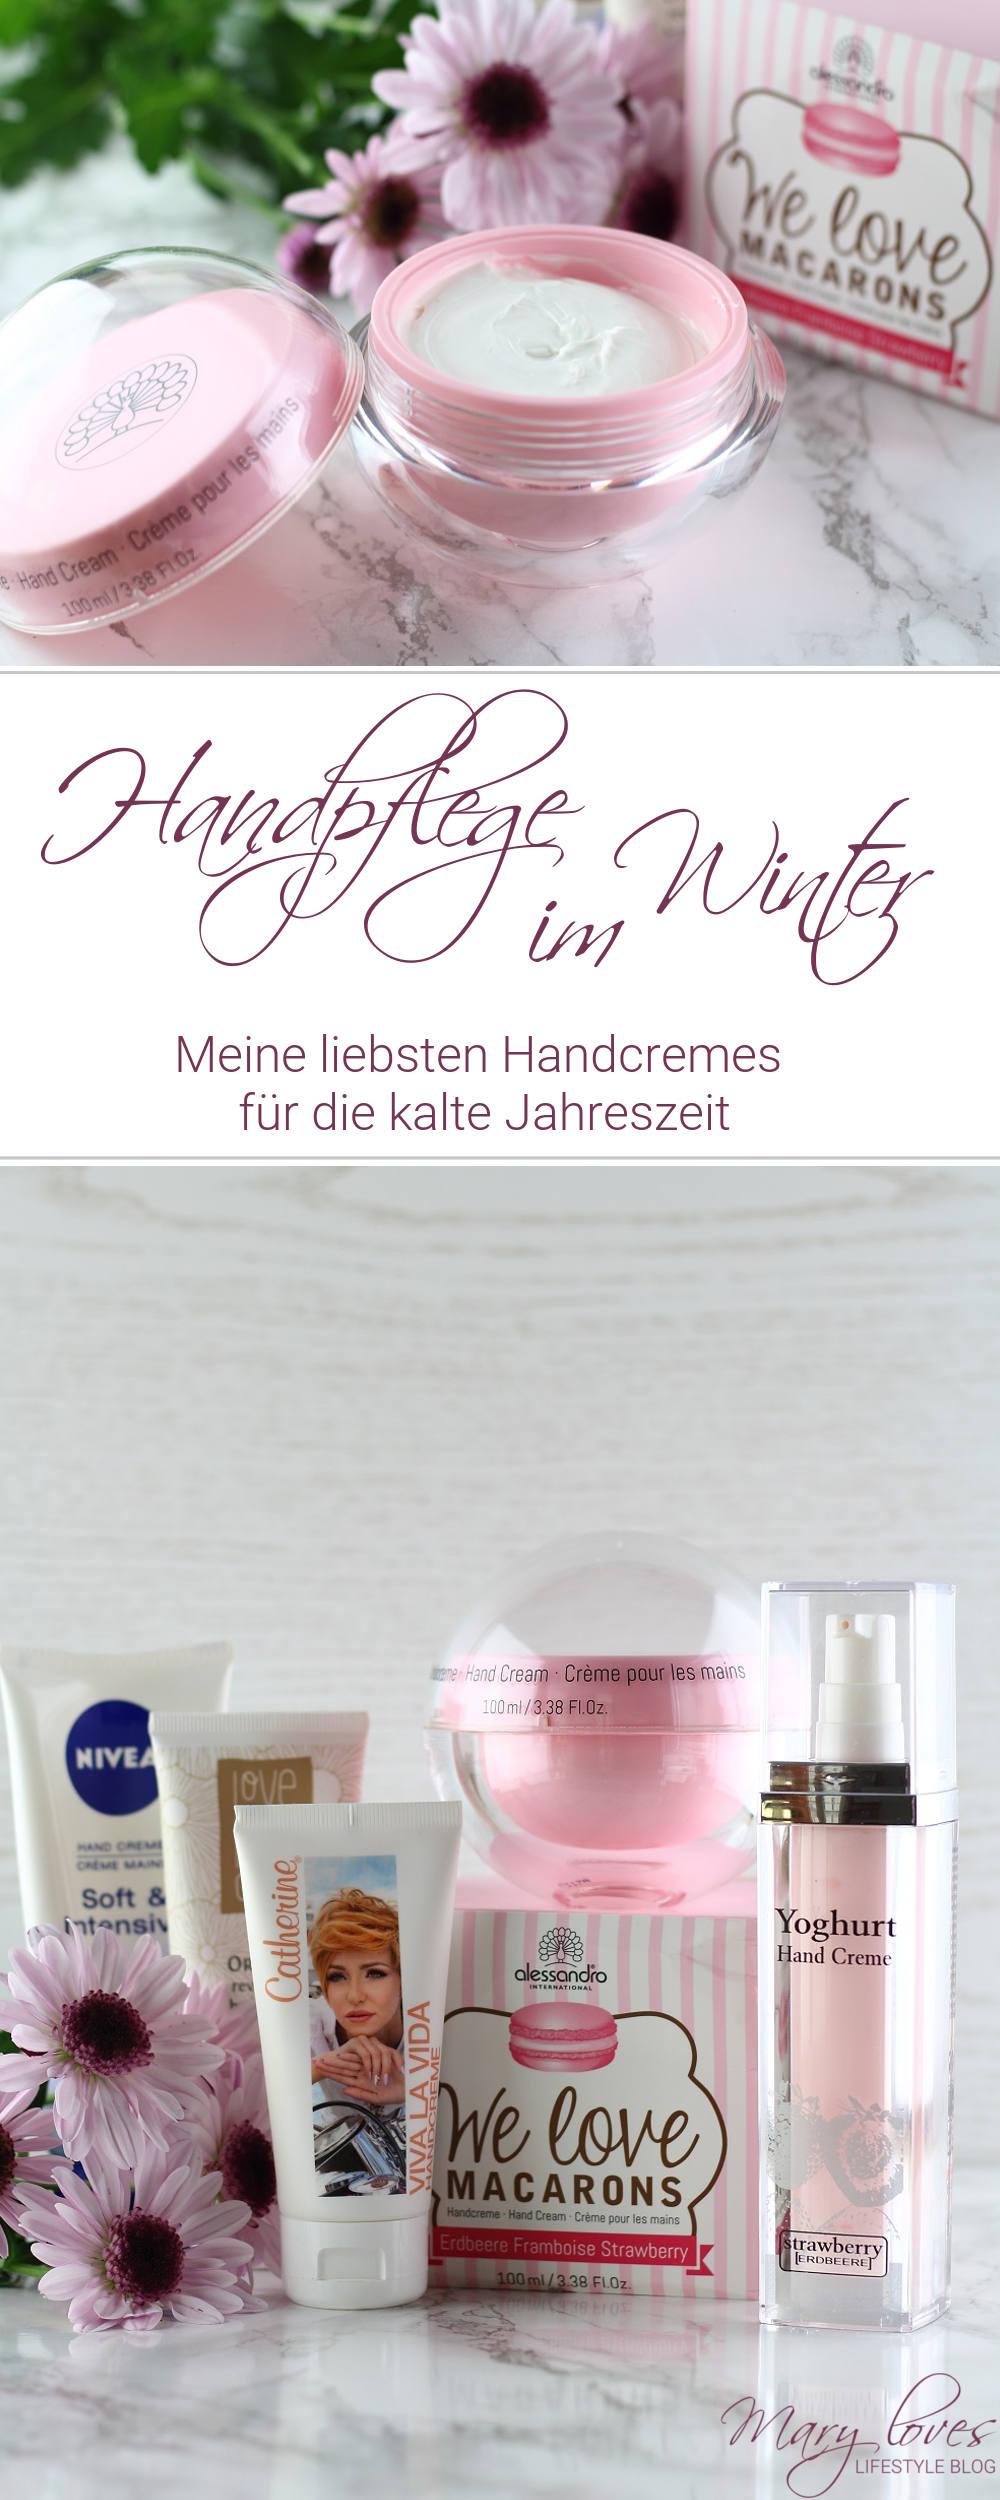 [Anzeige - Produktplatzierung] Handpflege im Winter - Meine liebsten Handcremes für die kalte Jahreszeit - #handcreme #handpflege #winterpflege